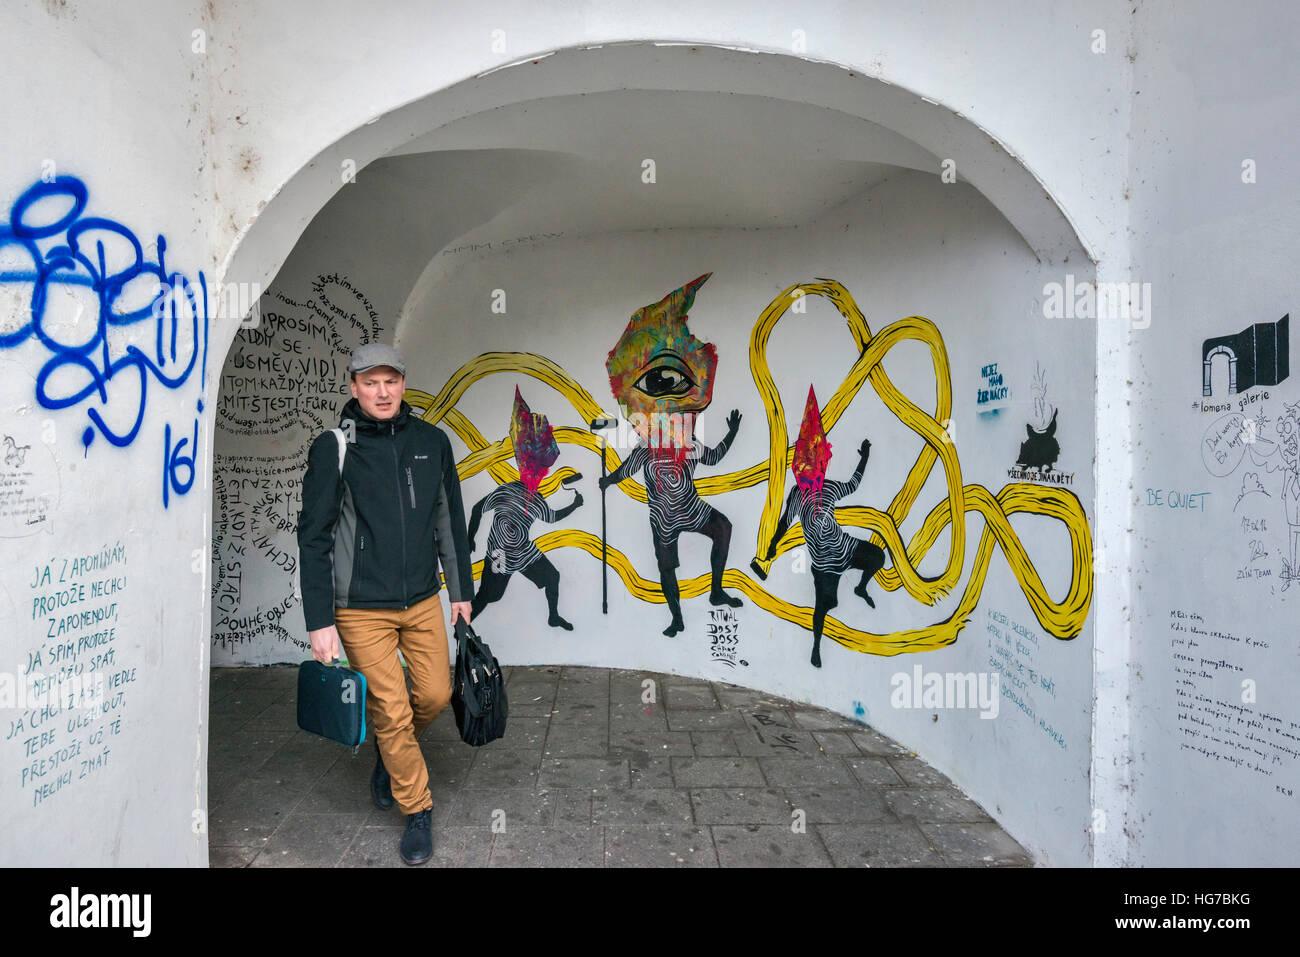 Street graffiti at passage at ulice Denisova in Olomouc, Moravia, Czech Republic - Stock Image